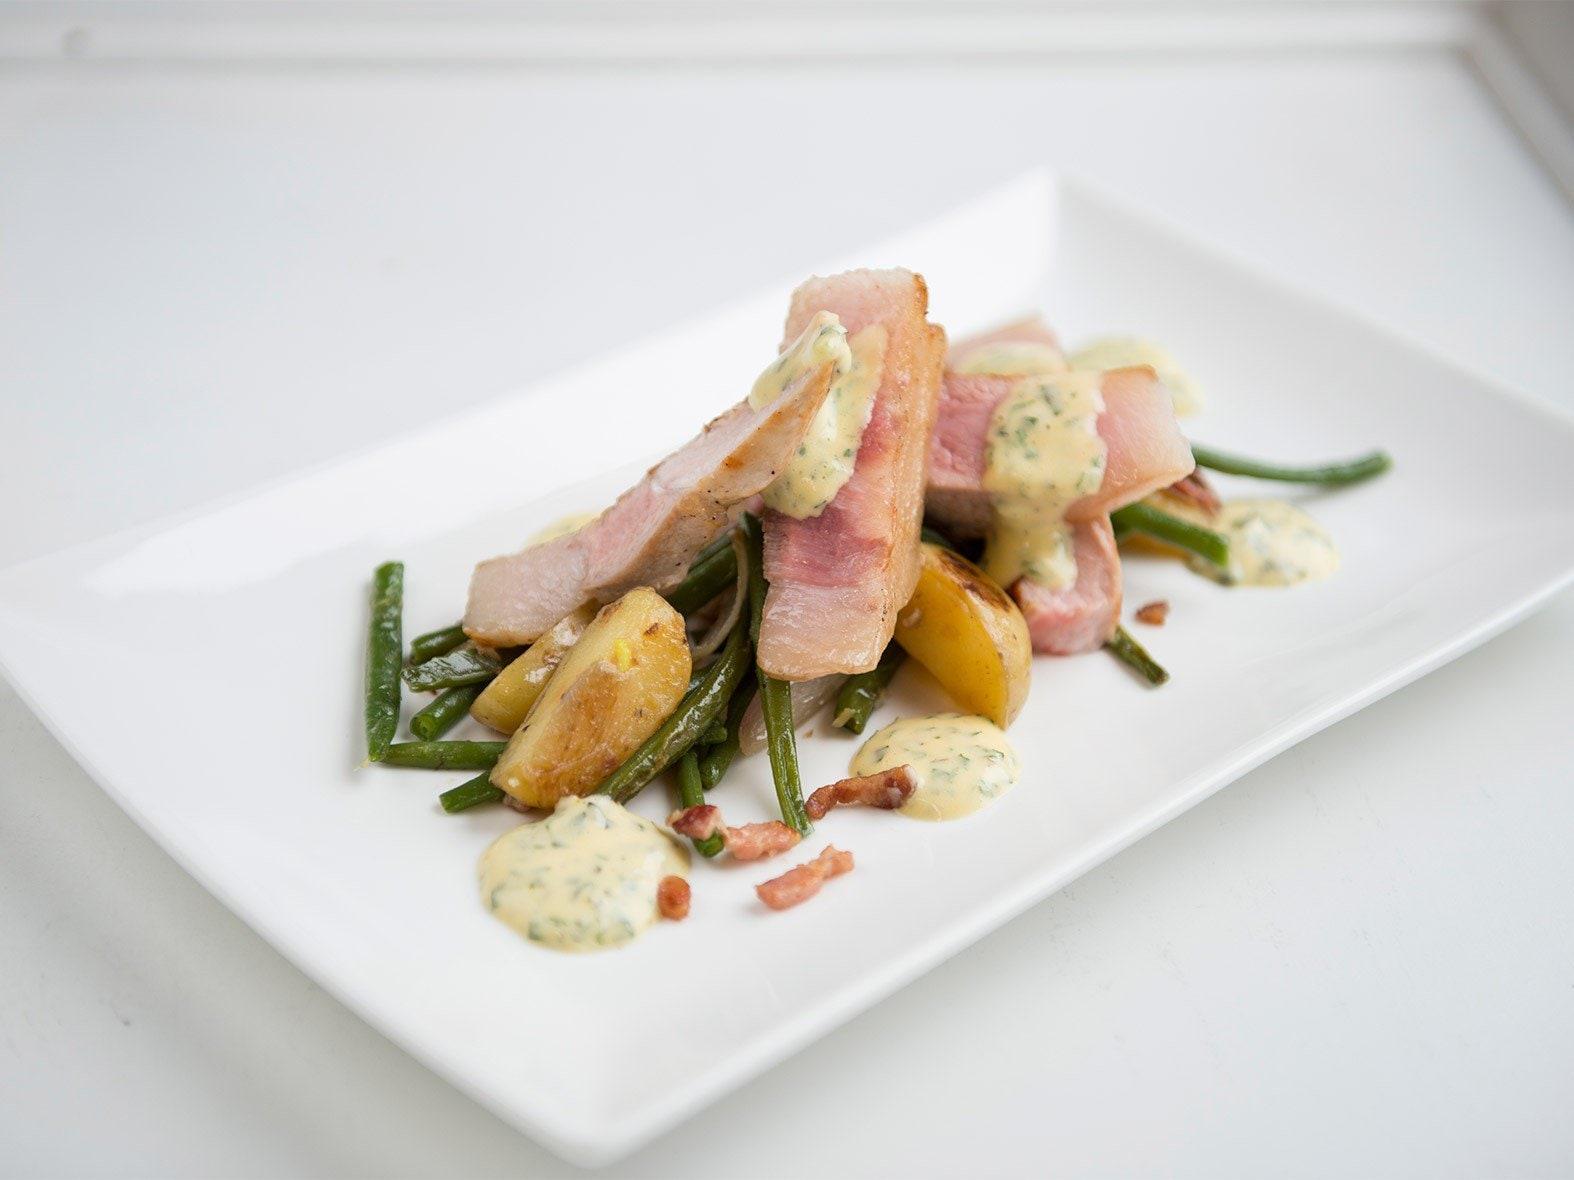 Couronne de porc grillée et sa sauce béarnaise, accompagnée d'une salade printanière